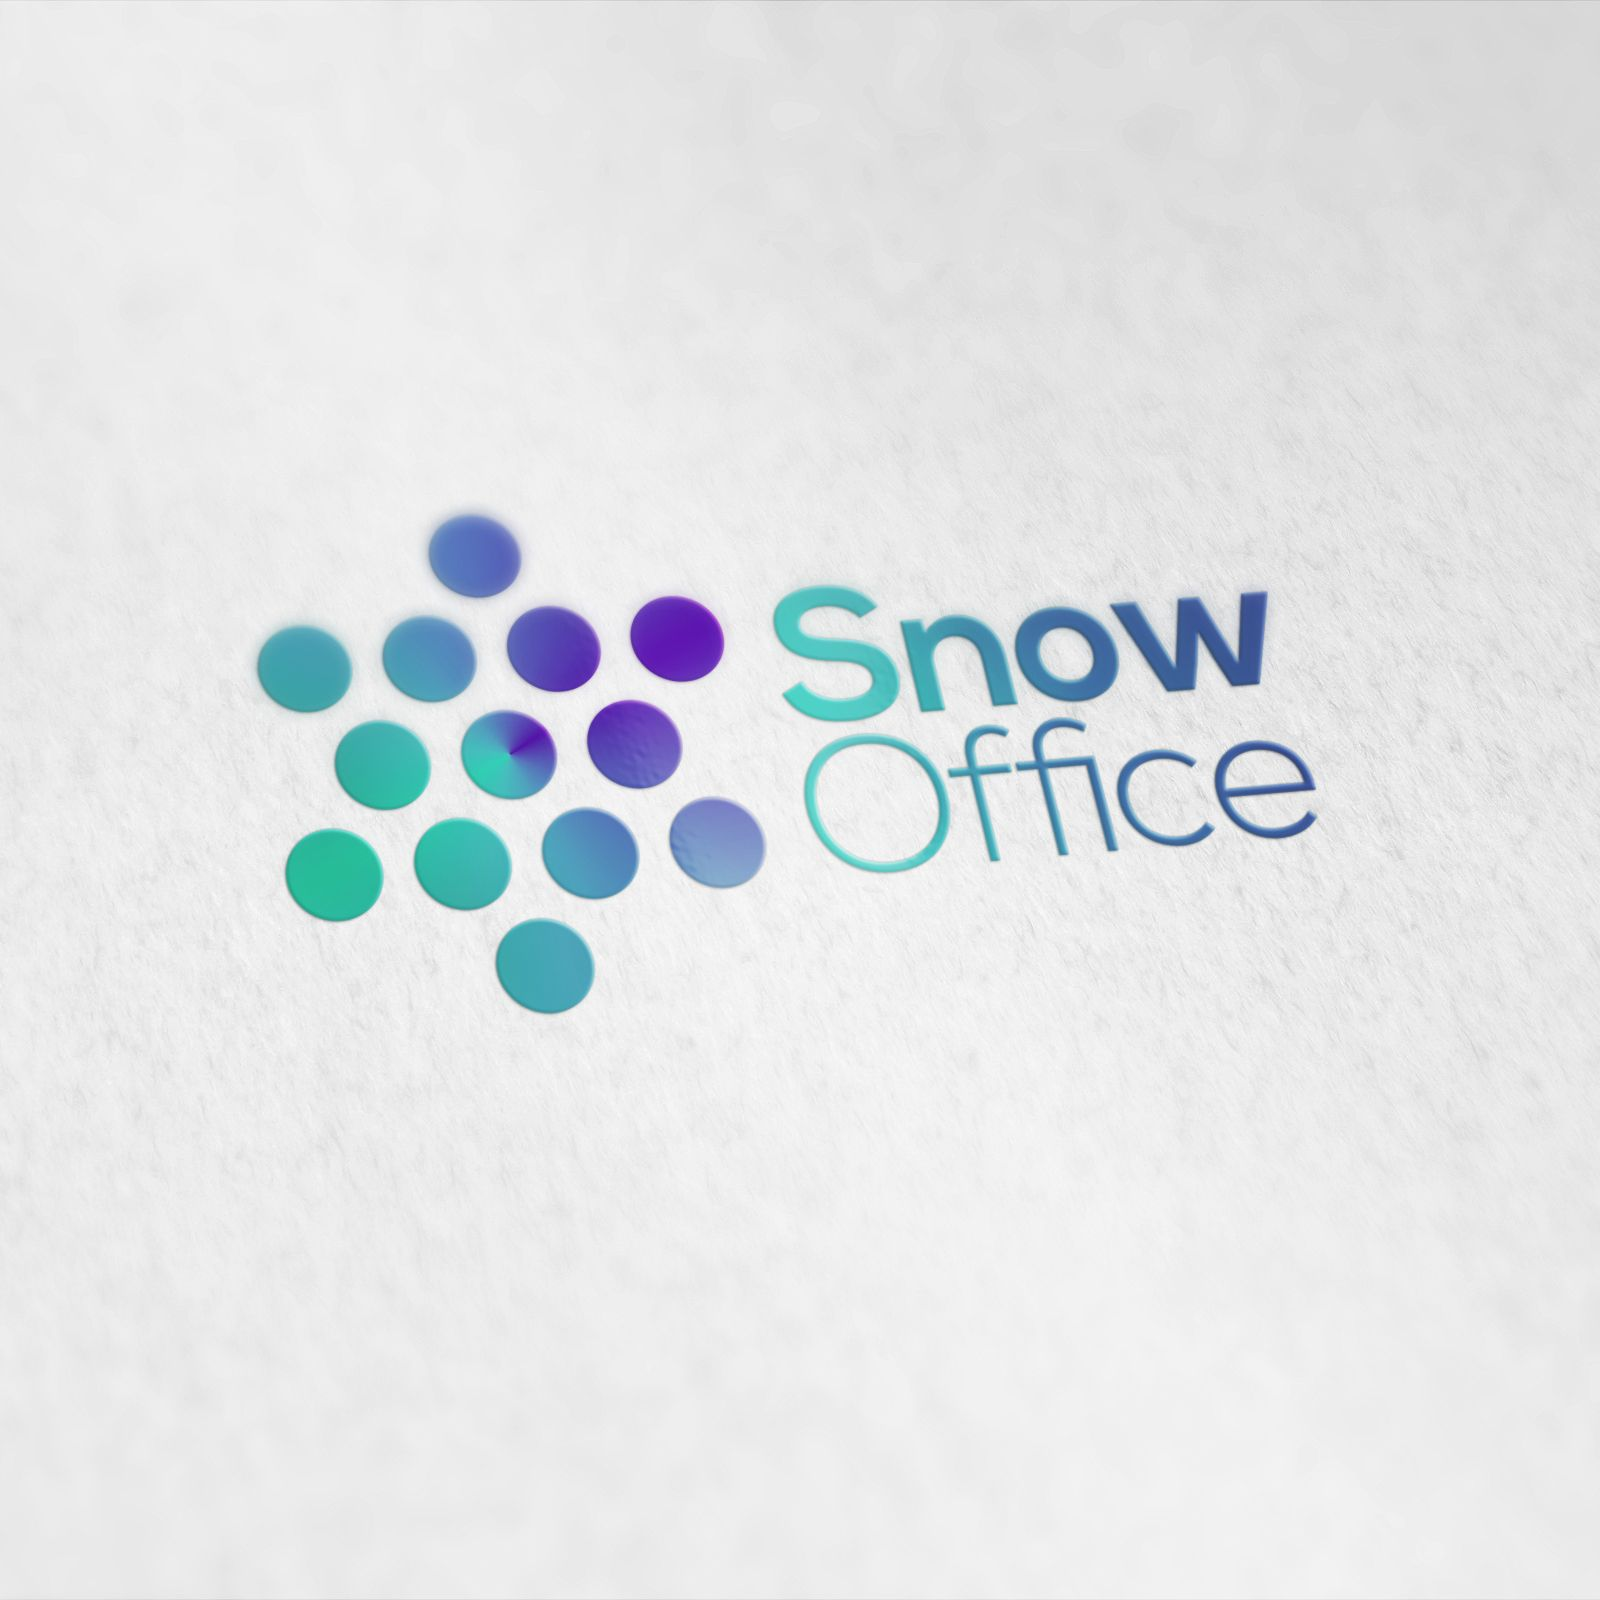 Лого и фирменный стиль для интернет-магазина - дизайнер sviaznoyy